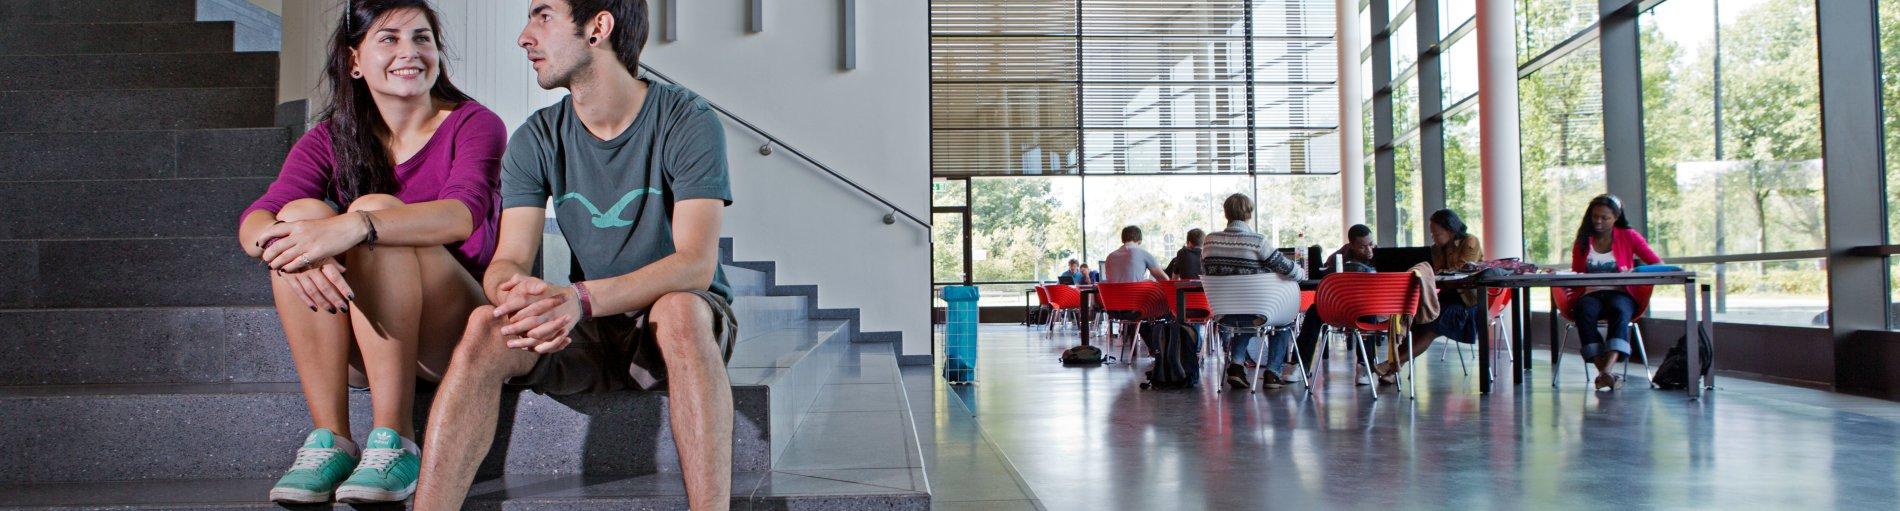 Lehre und Forschung auf Spitzenniveau - davon profitieren Studierende, Wissenschaftler wie auch der Wissenstransfer gleichermaßen.